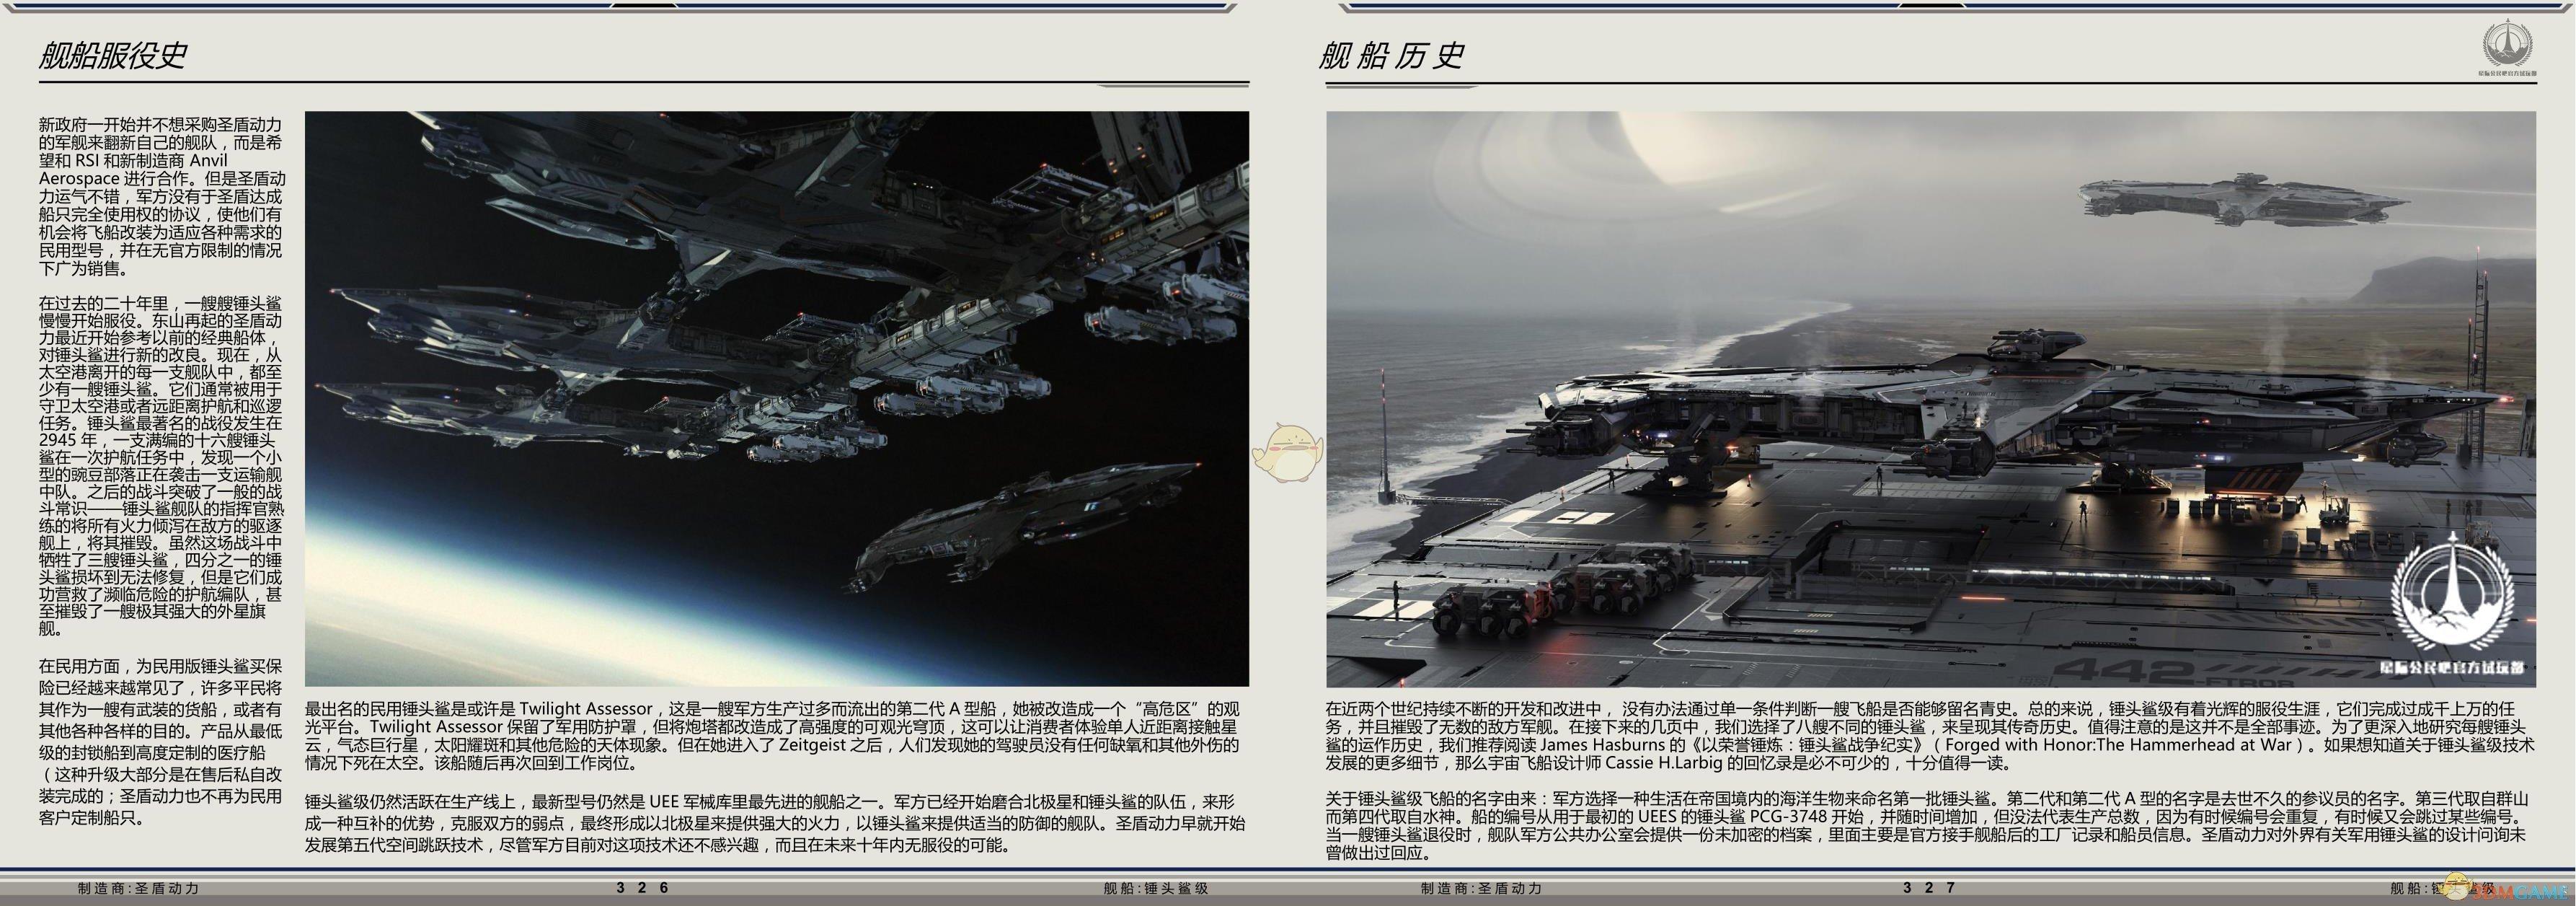 《星际公民》圣盾动力锤头鲨级舰船说明手册一览